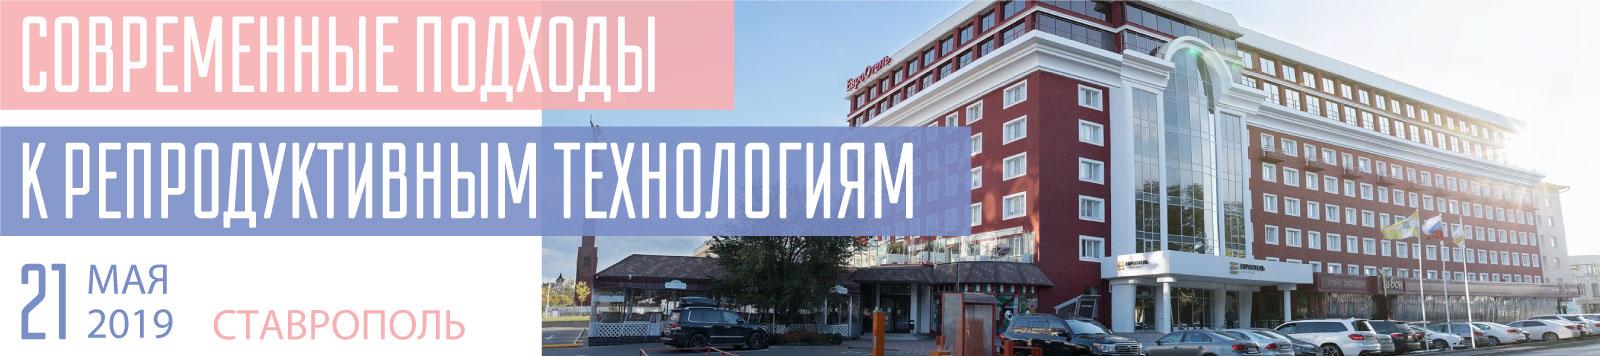 Современные подходы к репродуктивным технологиям. Ставрополь. 2019